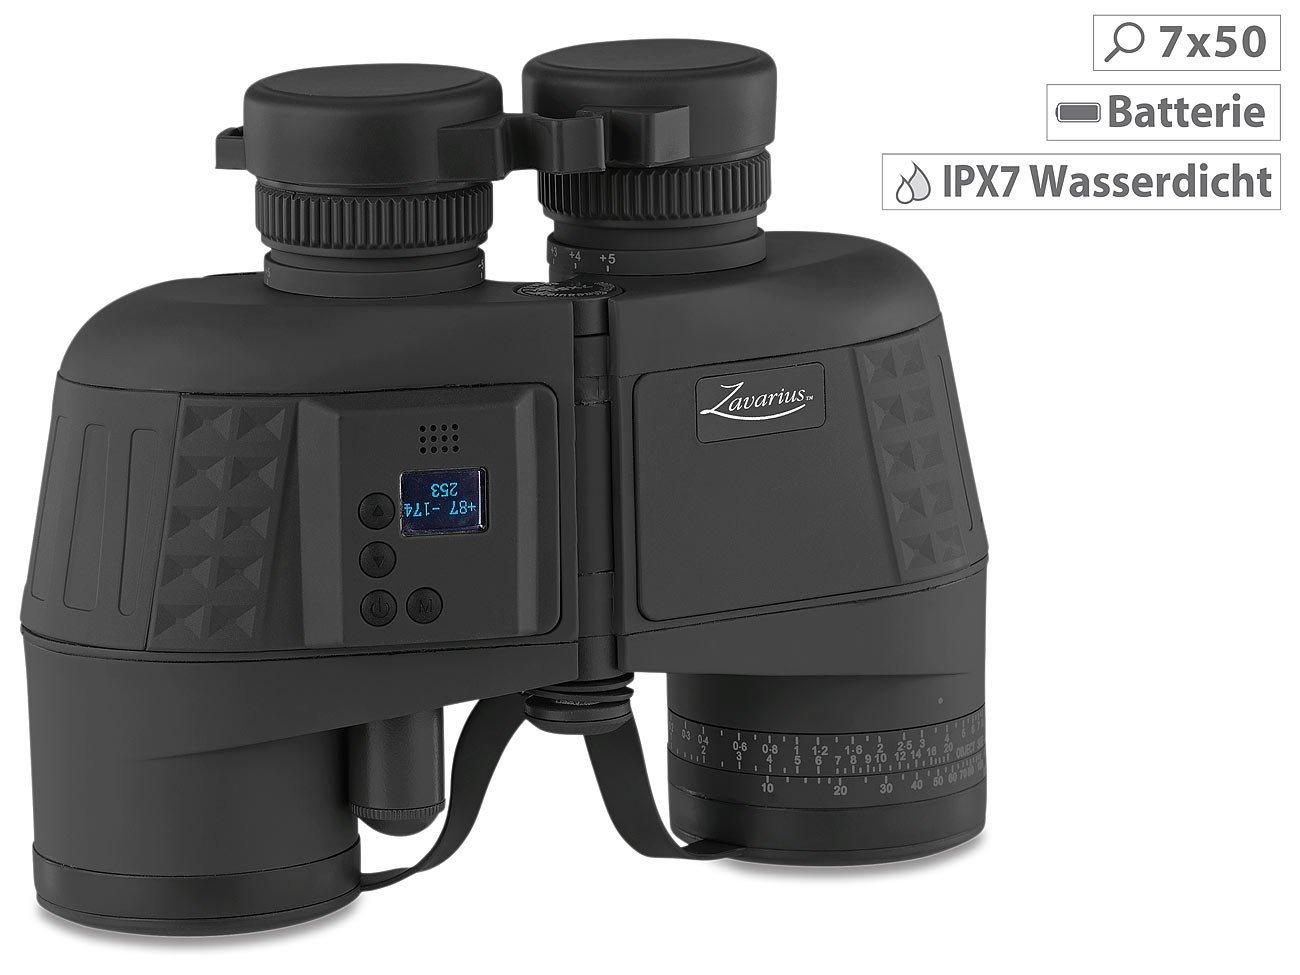 Jagd Fernglas 8x56 Mit Entfernungsmesser : Zavarius entfernungsmesser fernglas kaufen test